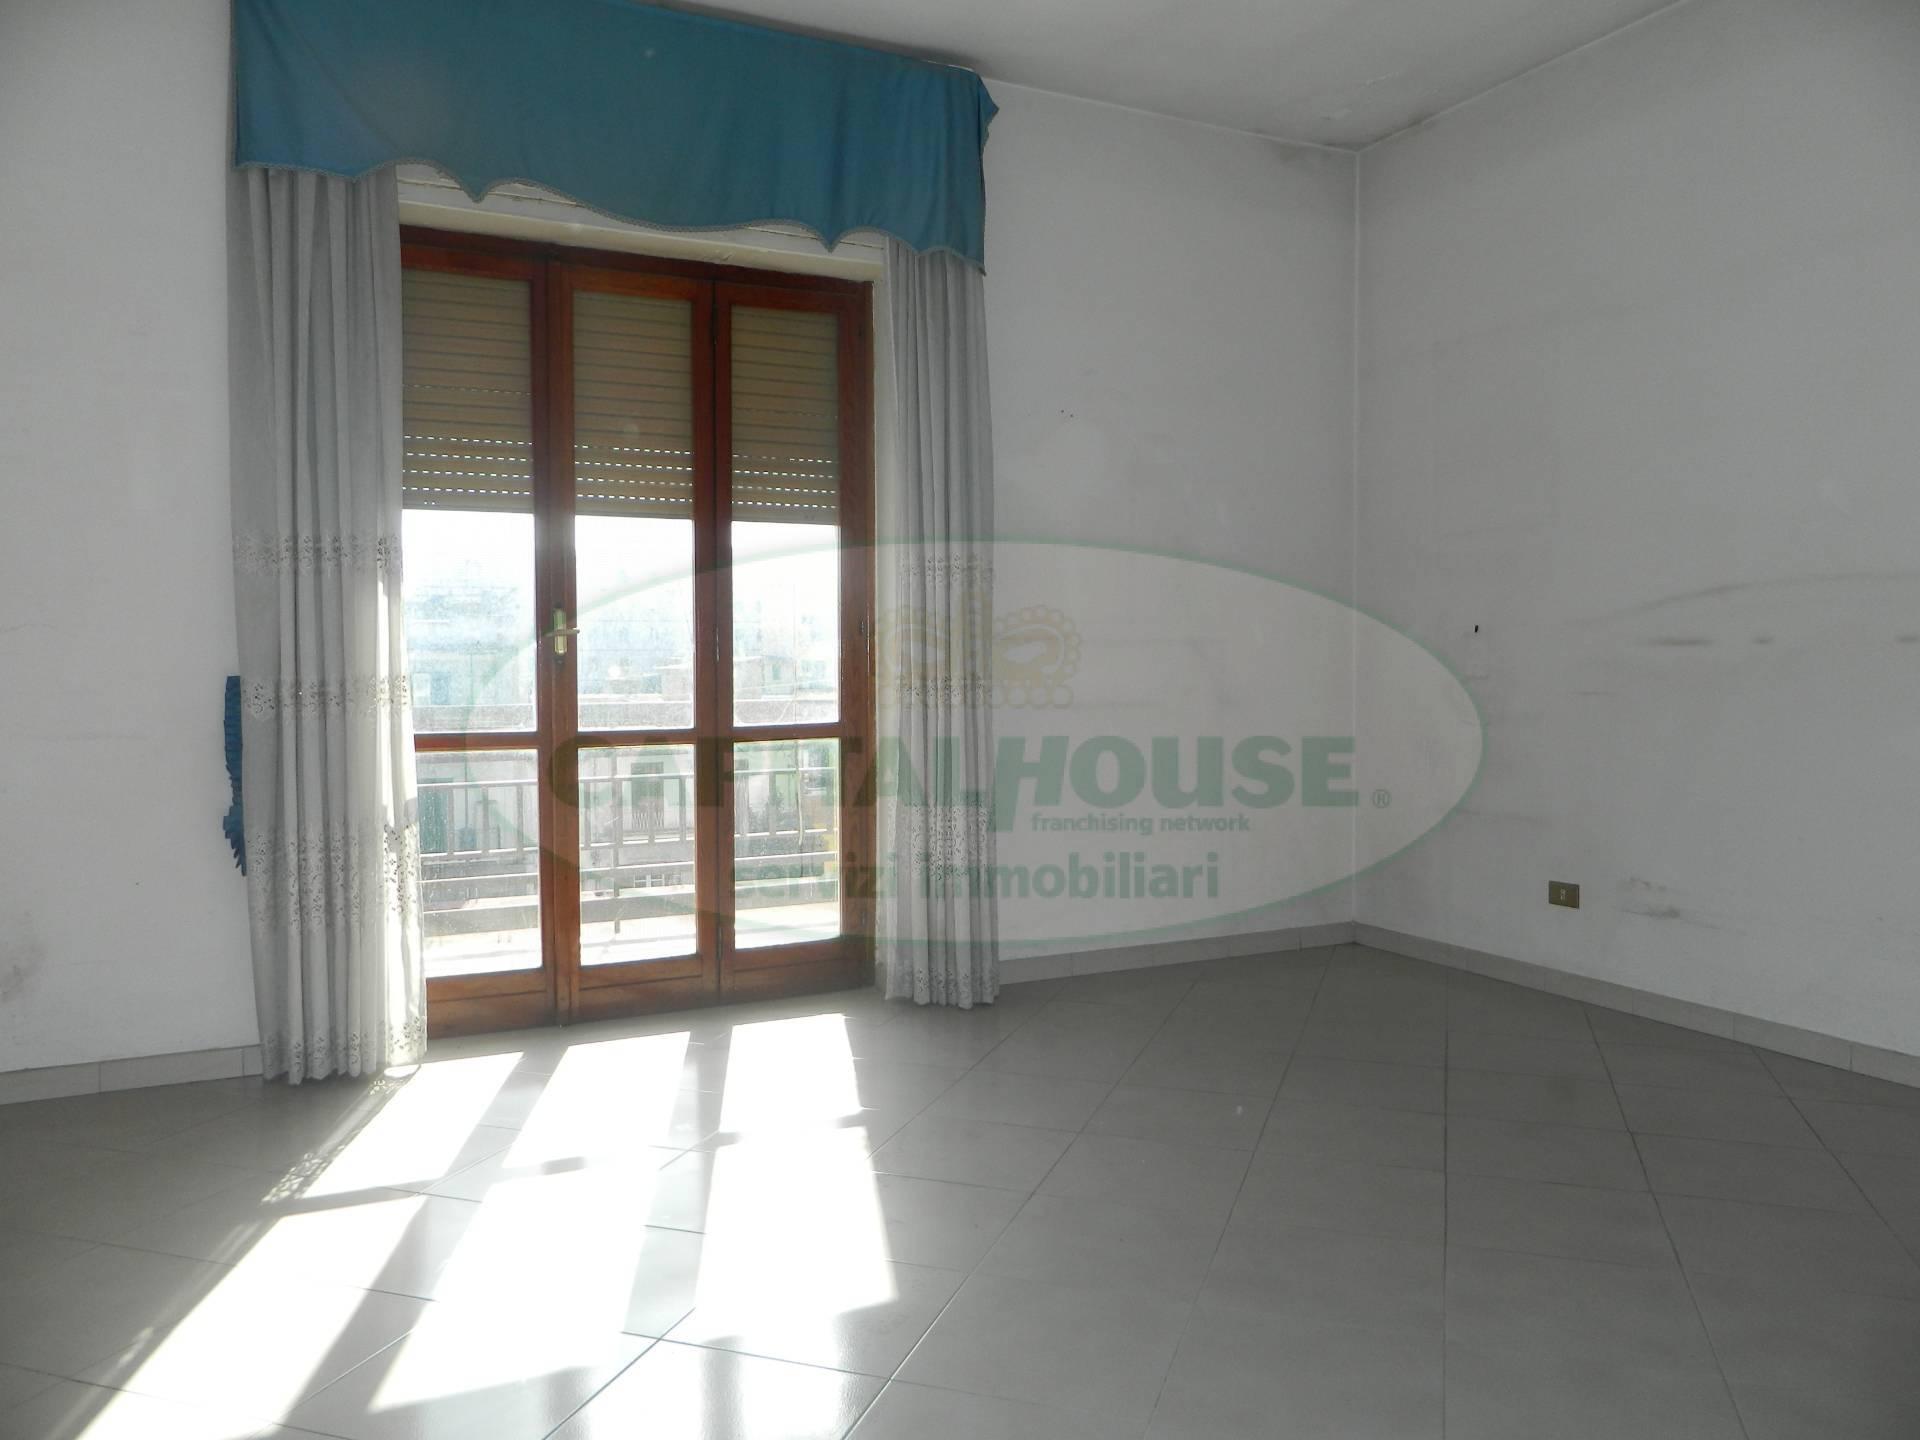 Appartamento in vendita a Afragola, 3 locali, zona Località: CorsoVittorioEmanuele, prezzo € 136.000 | CambioCasa.it